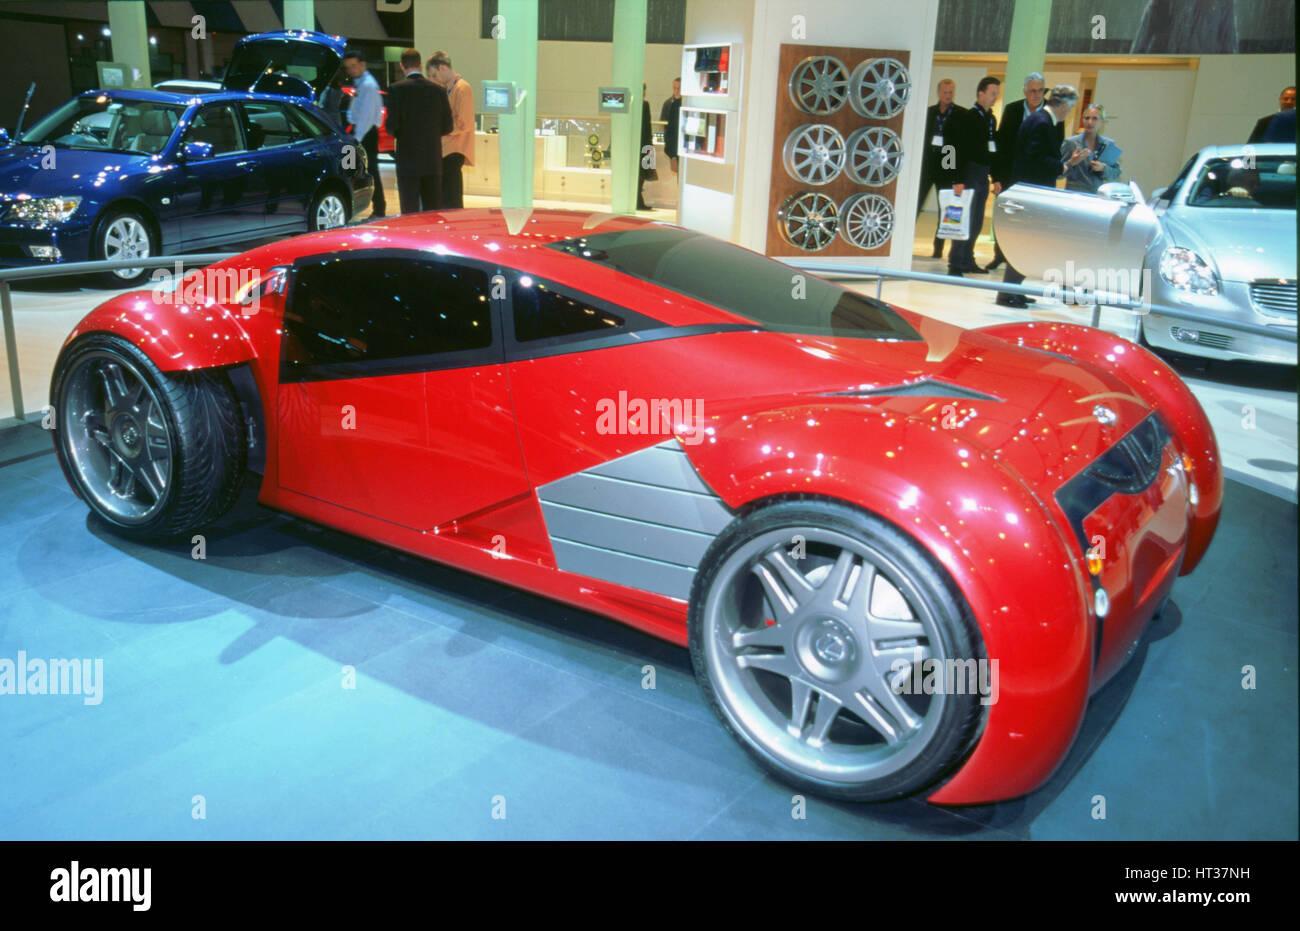 """2002 Lexus concept car elettrica utilizzata in 'minoranze relazione film"""". Artista: sconosciuto. Immagini Stock"""